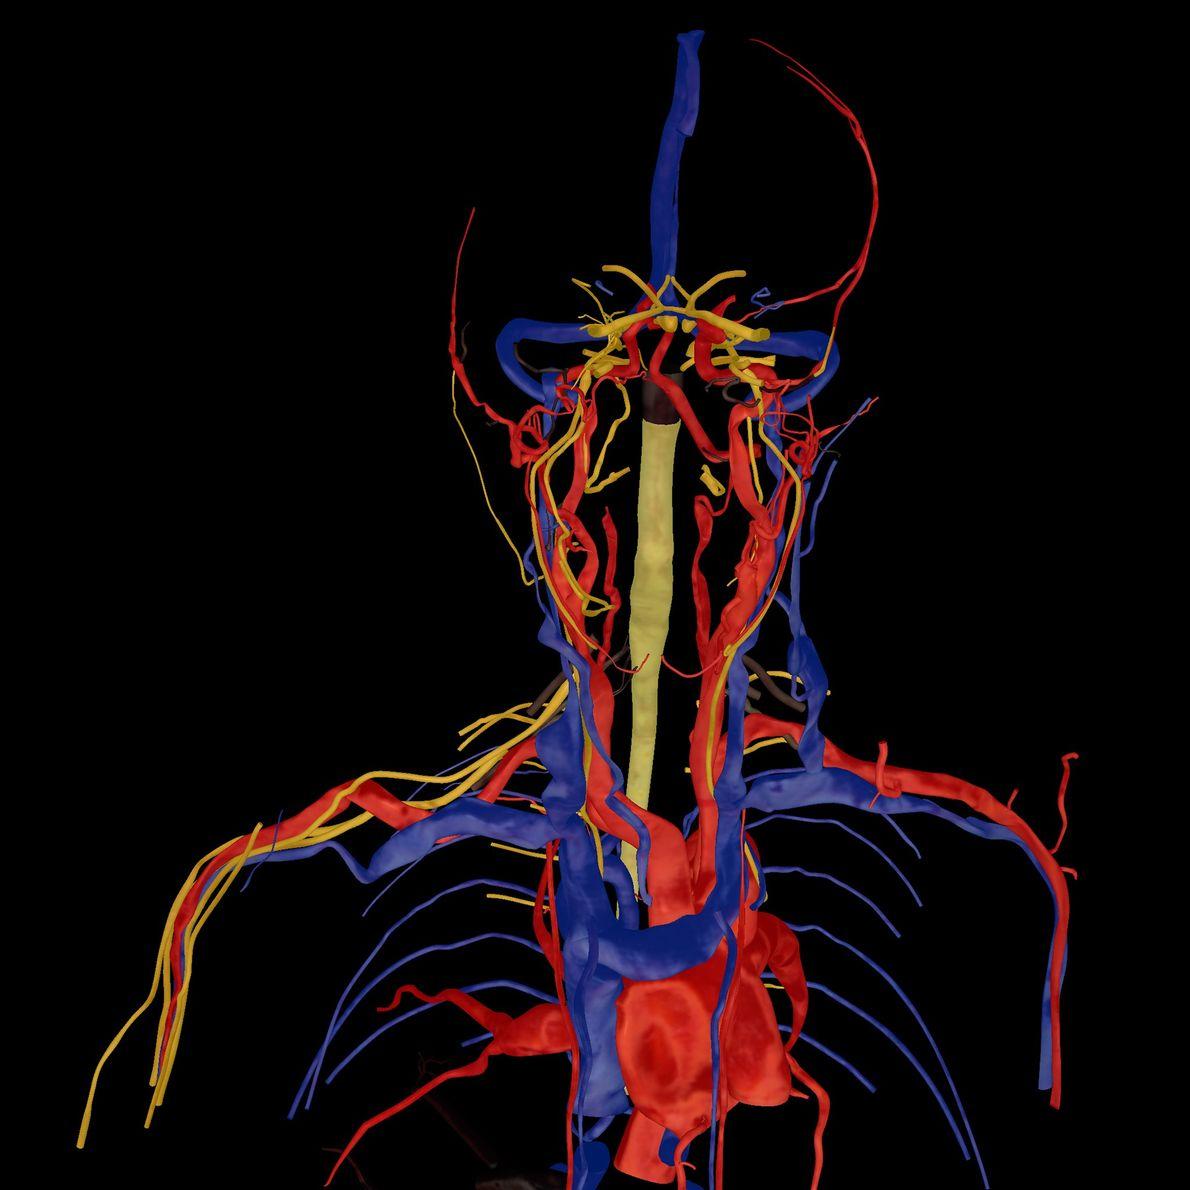 Corazón, arterias, venas y nervios